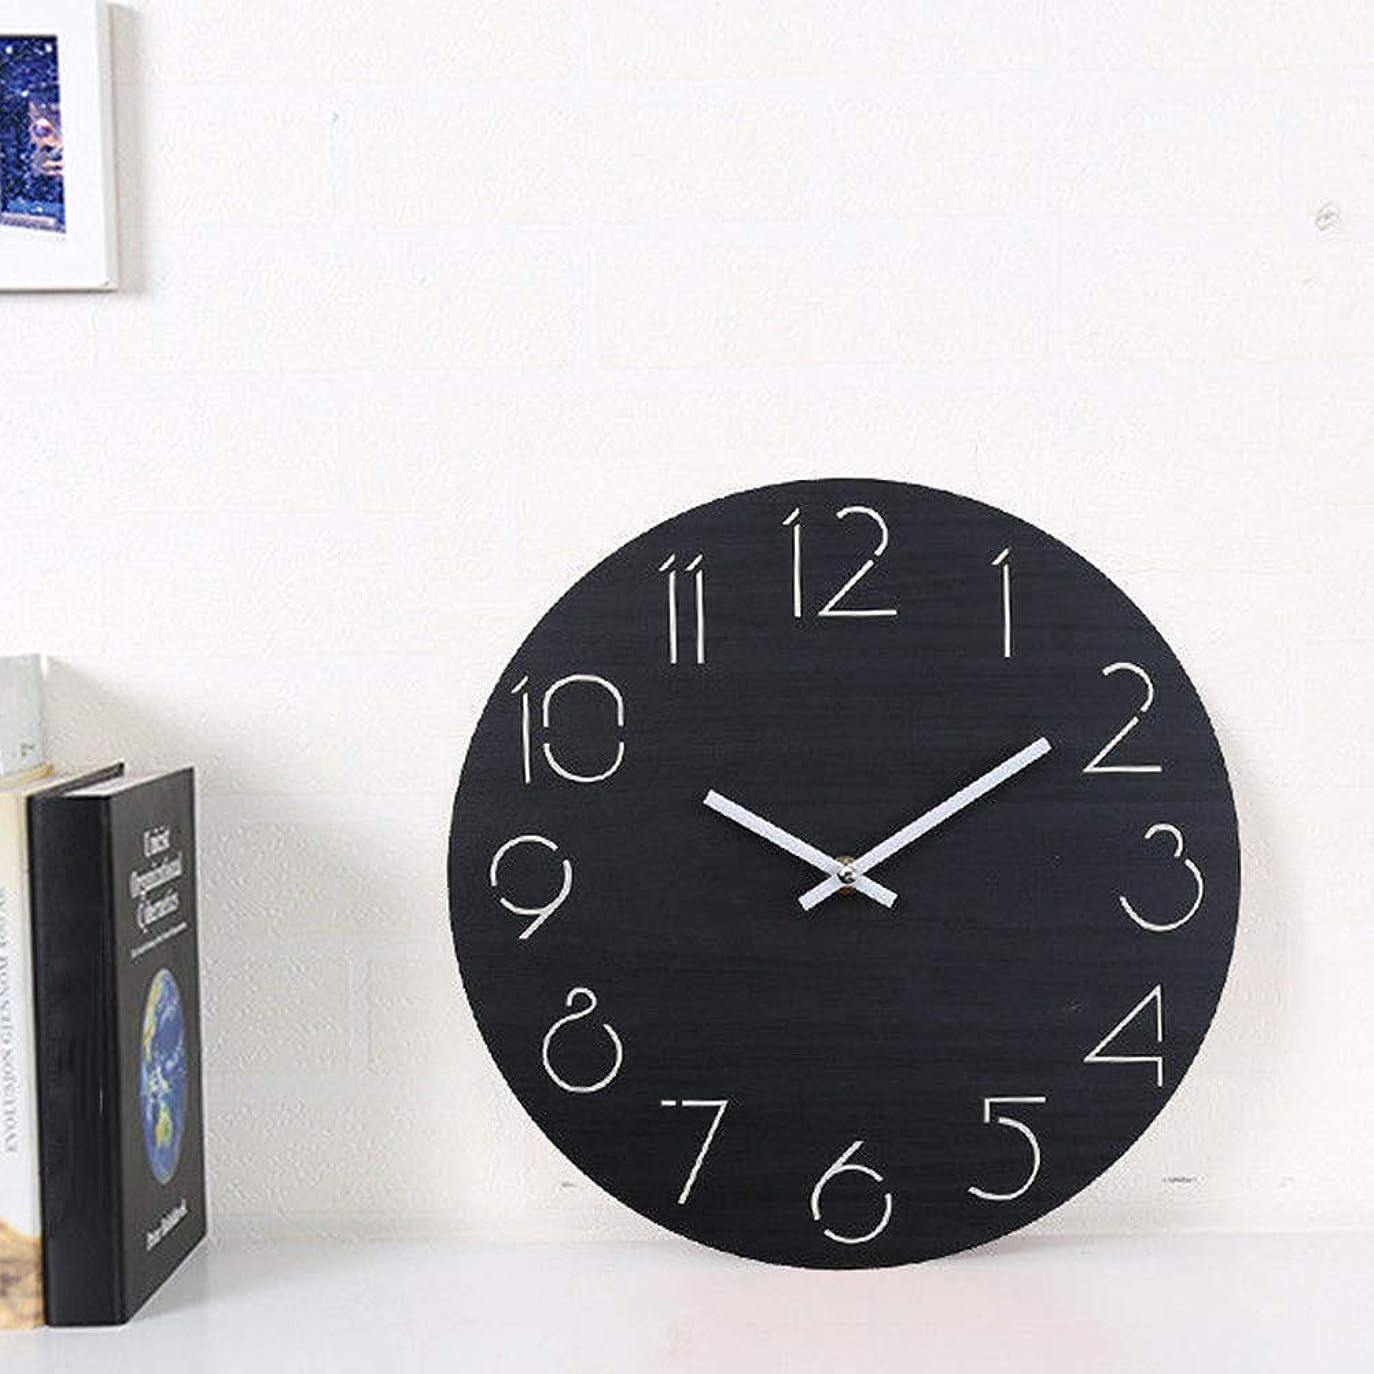 収益真夜中ピック壁掛け時計12